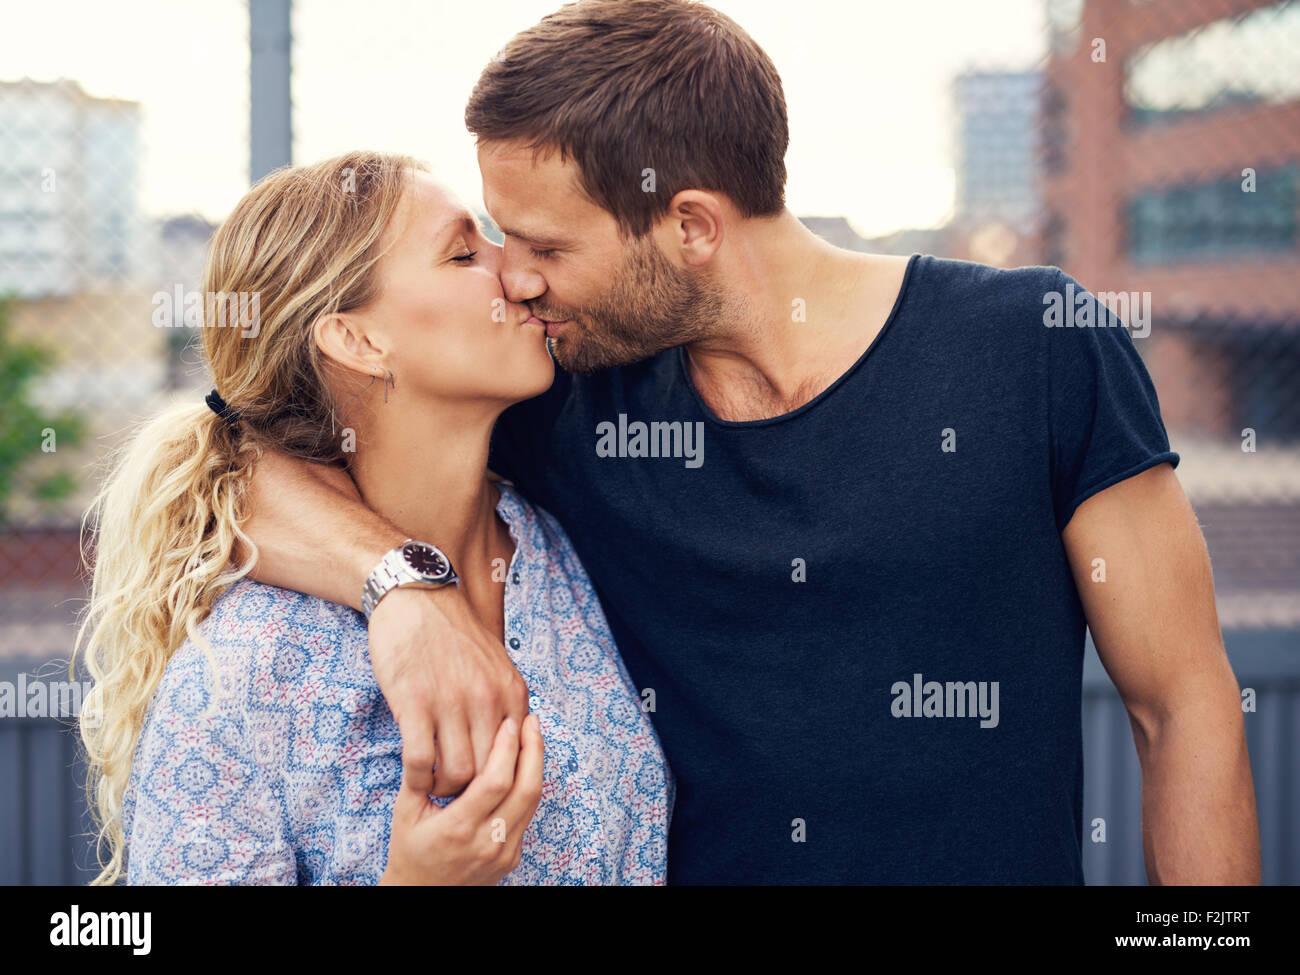 Amourösen attraktives junges Paar genießen Sie einen romantischen Kuss, als sie Arm in Arm im Freien in Stockbild